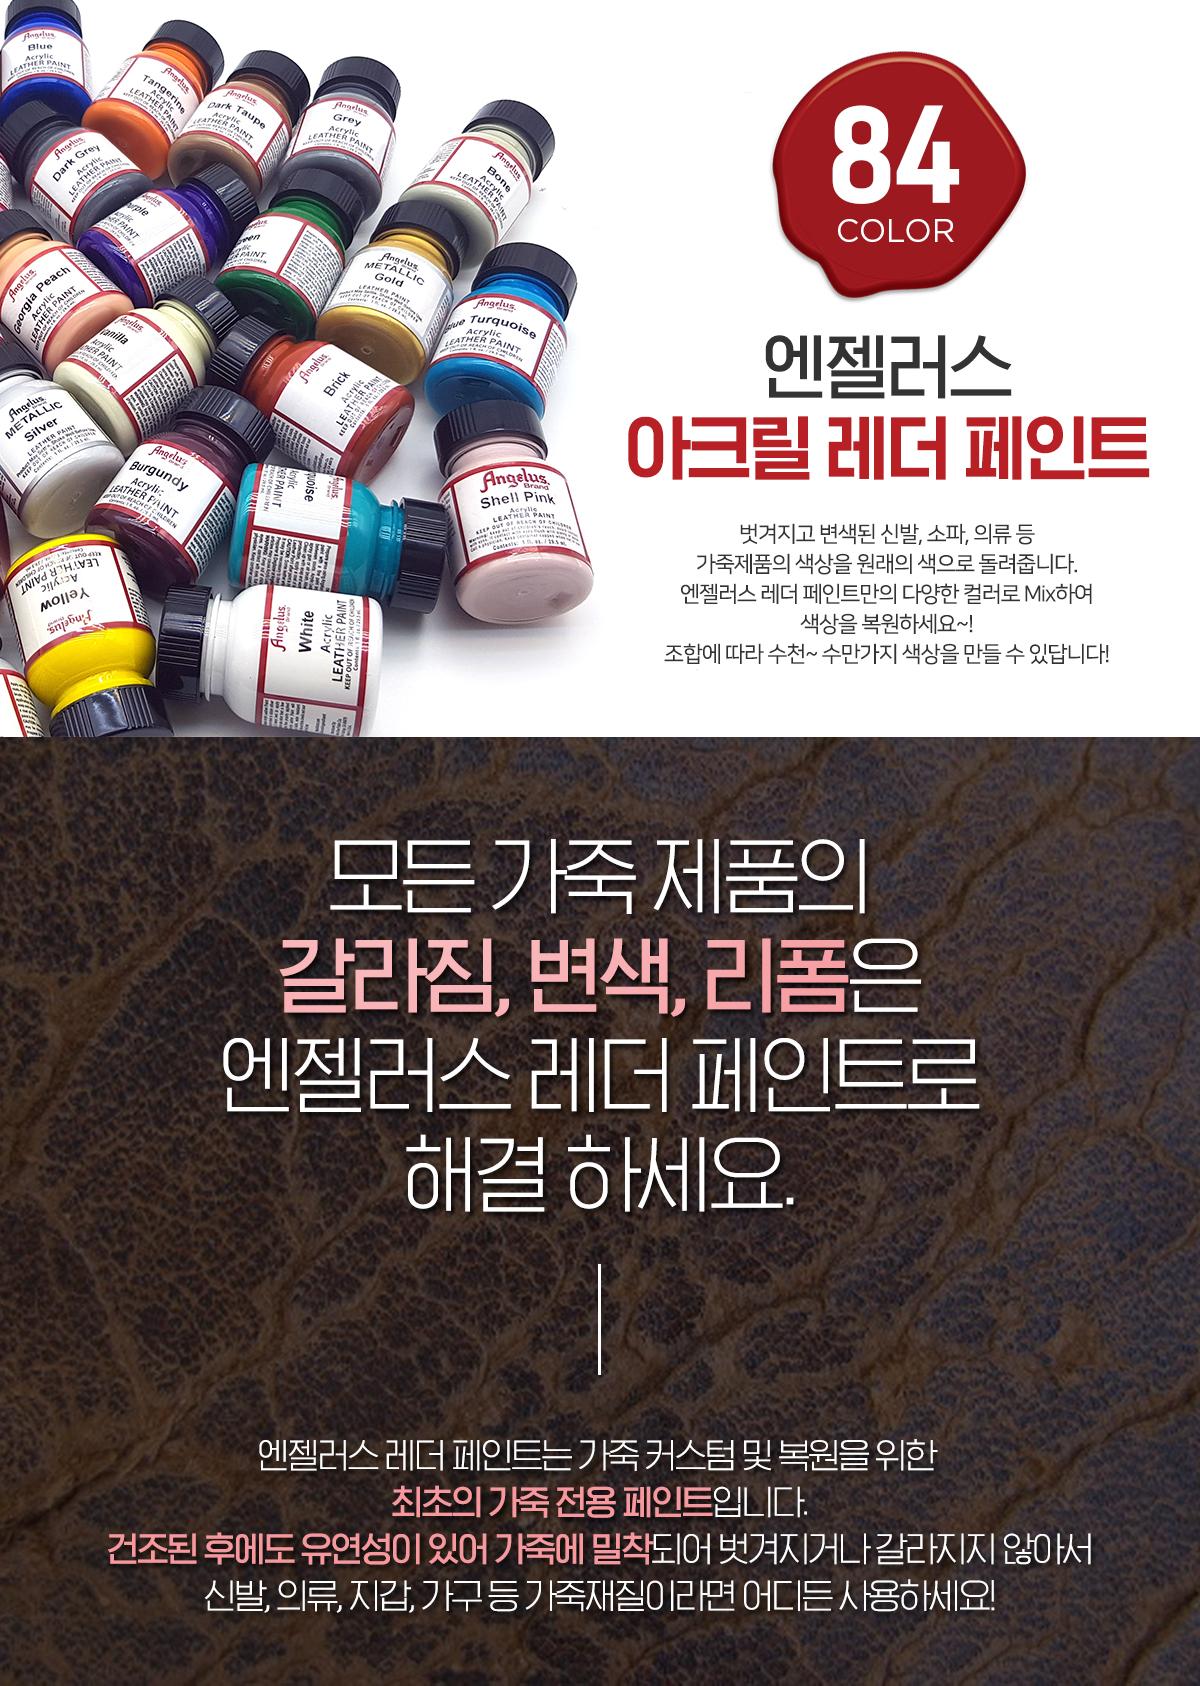 엔젤러스 아크릴 레더 페인트 84색, 모든 가죽제품의 갈라짐, 변색, 리폼은 엔젤러스 레더 페인트로 해결하세요.